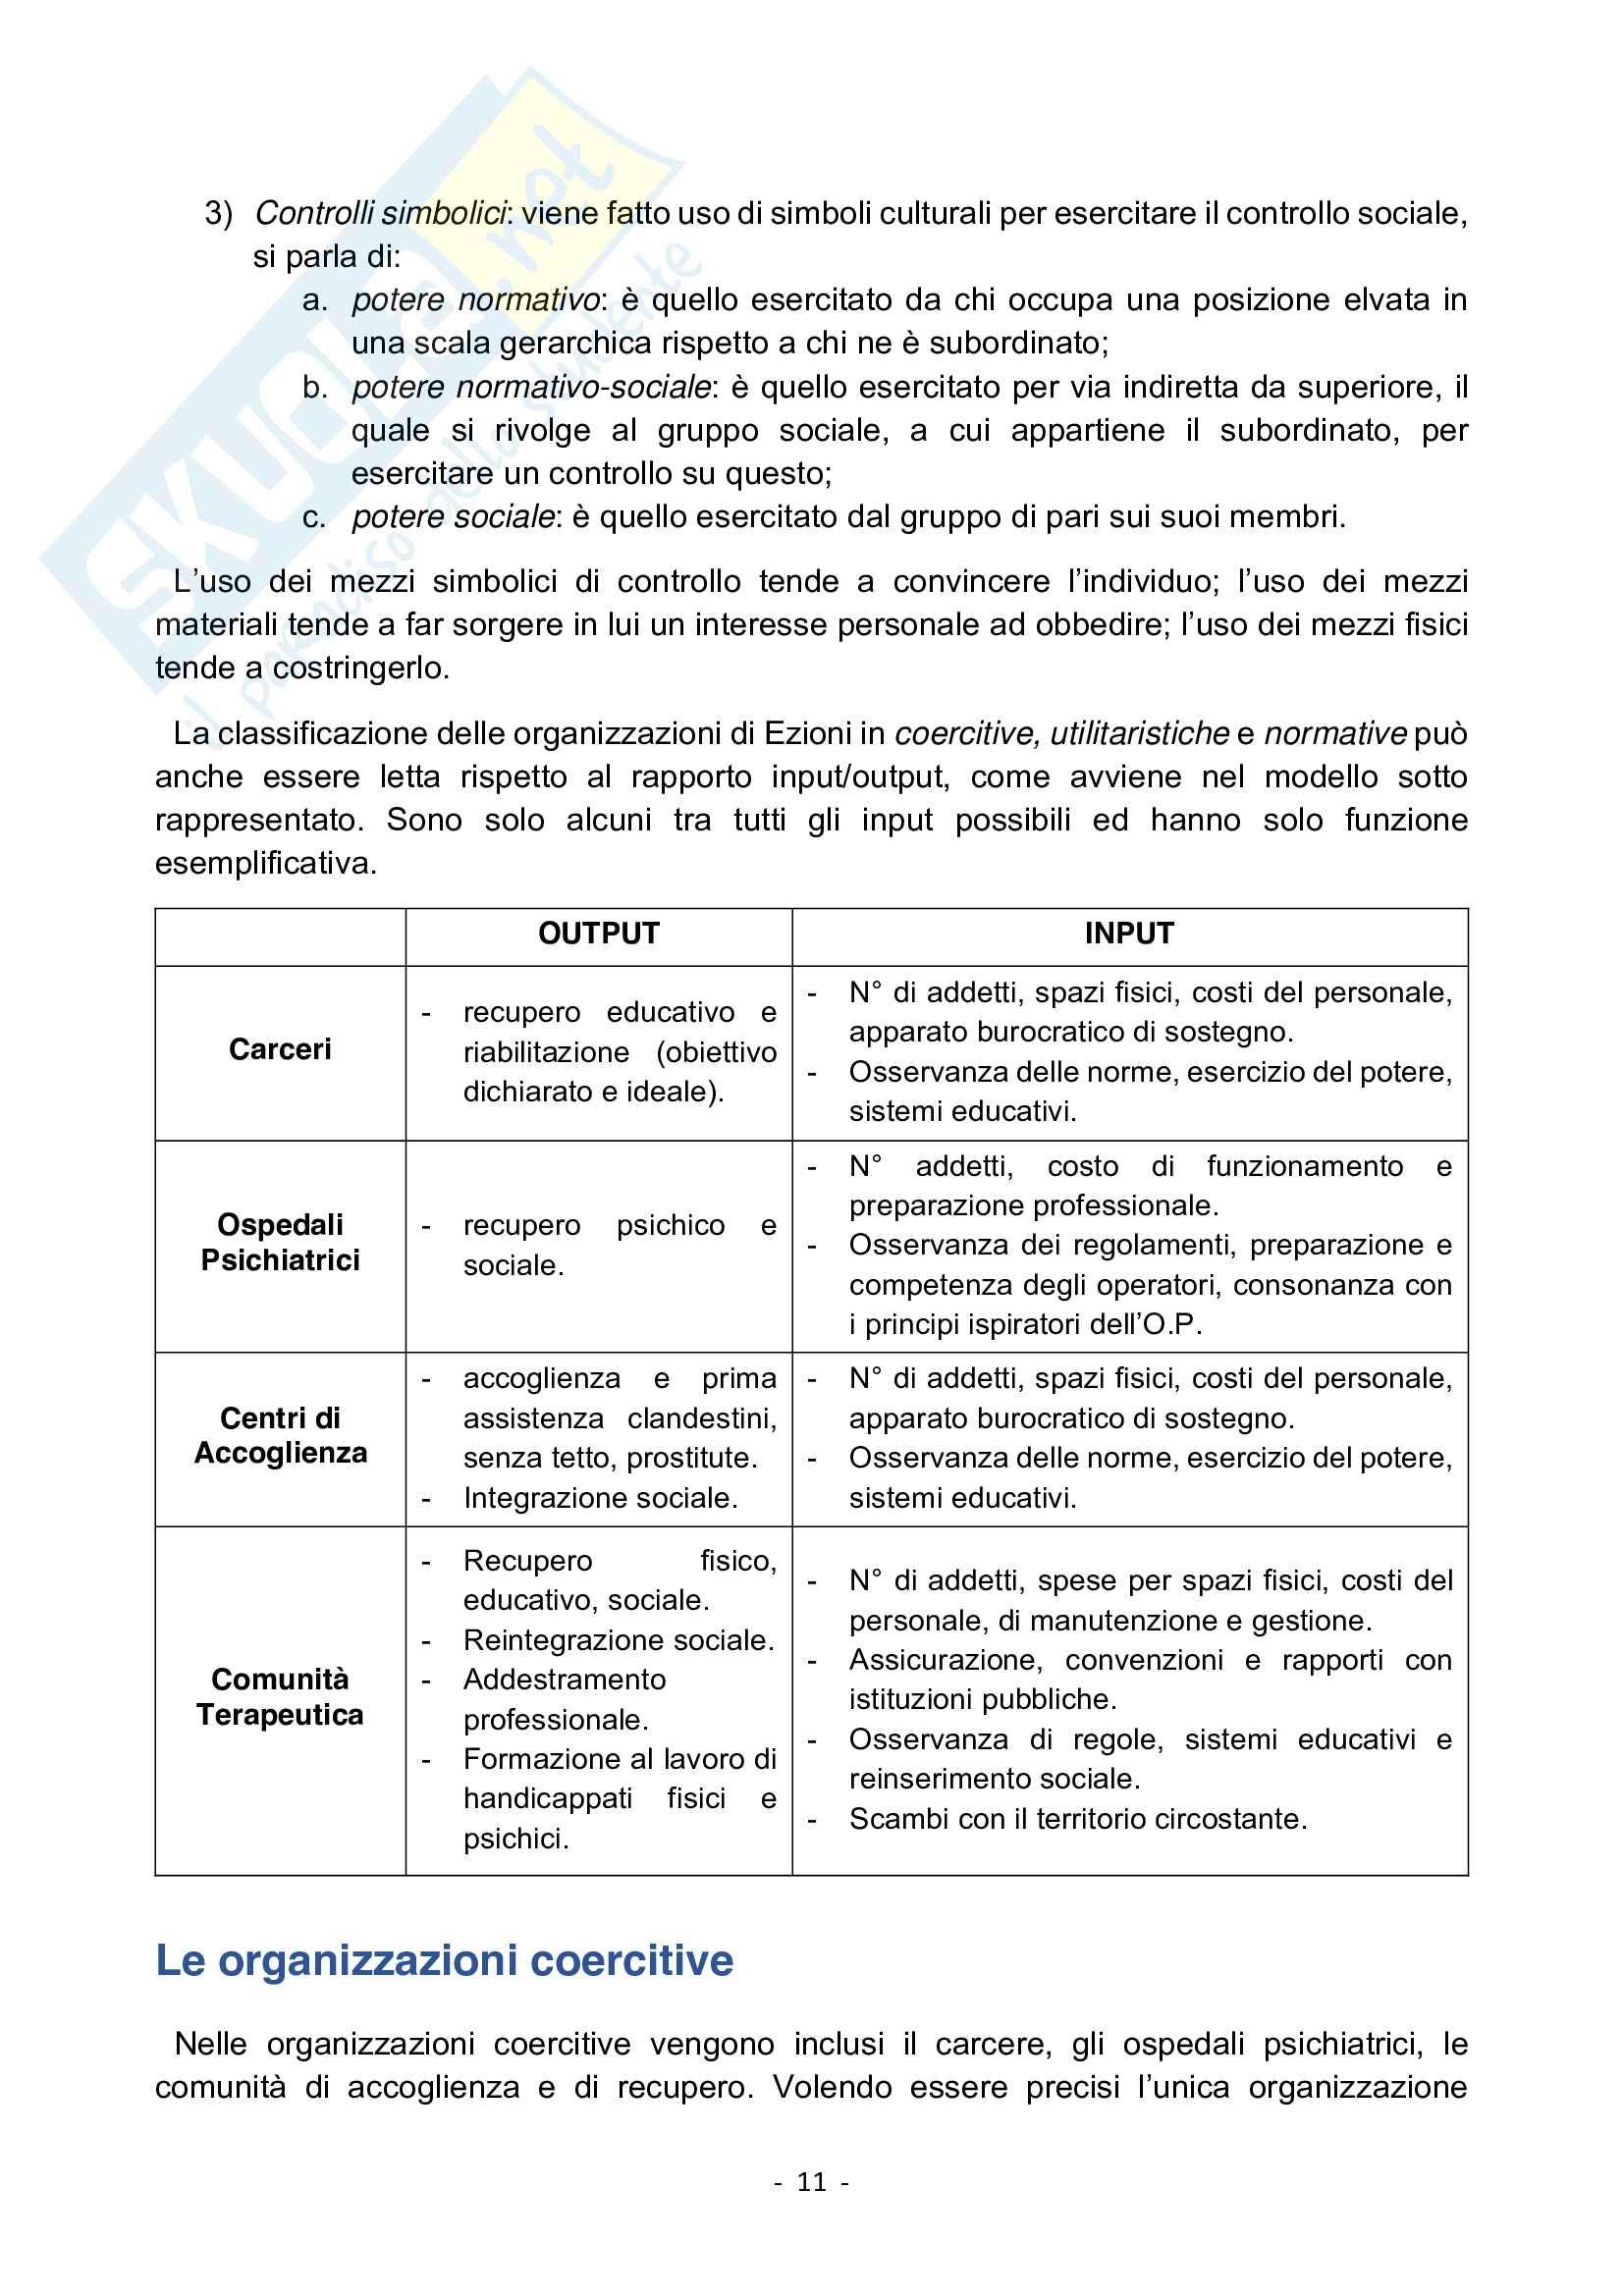 Organizzazione del lavoro per lo sviluppo delle risorse umane Pag. 11